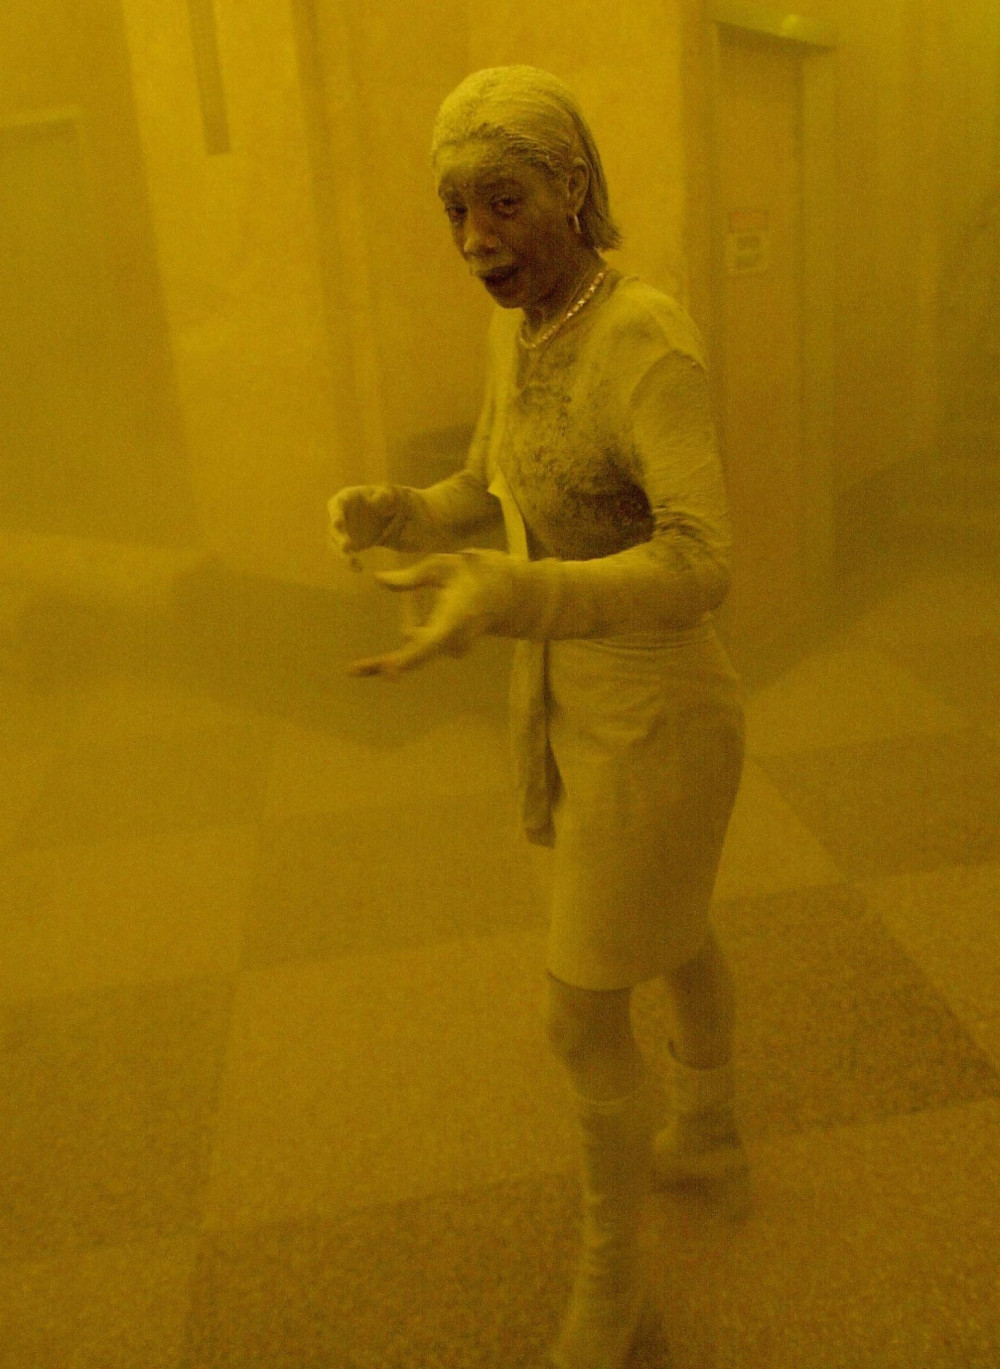 Nữ nhân viên Marcy Borders tham gia cứu hộ những người bị mắc kẹt bên trong các đống đổ nát. Toàn bộ cơ thể cô bị bụi cát bao trùm. Cô mất ngày 24/8/2015 với căn bệnh ung thư dạ dày, được cho là di chứng từ các chất độc mà cô hít phải trong sự kiện 11/9/2001 - Ảnh: Stan Honda/AFP/Getty Images